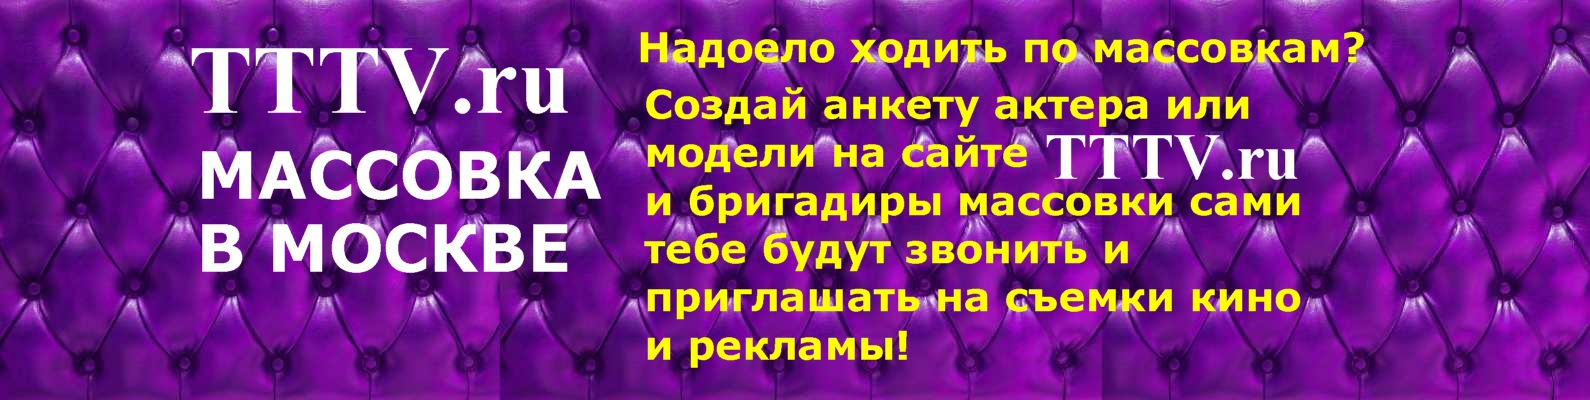 Новые кастинги в москве девушка модель работы с лицами бомж